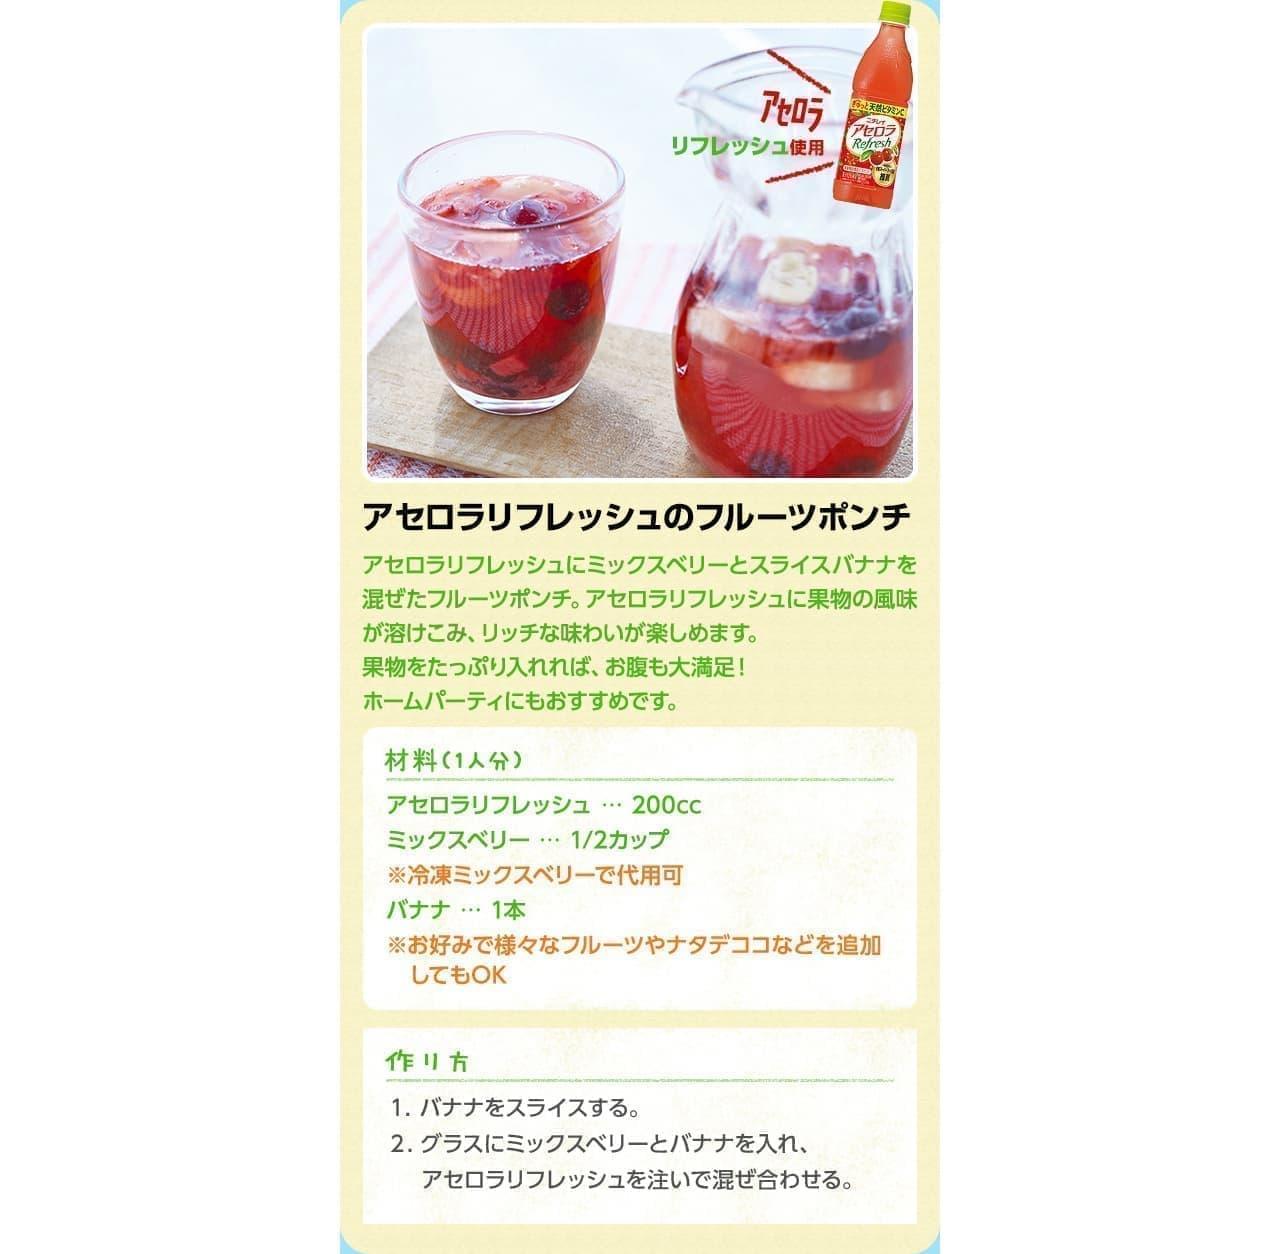 「アセロラリフレッシュのフルーツポンチ」のレシピ